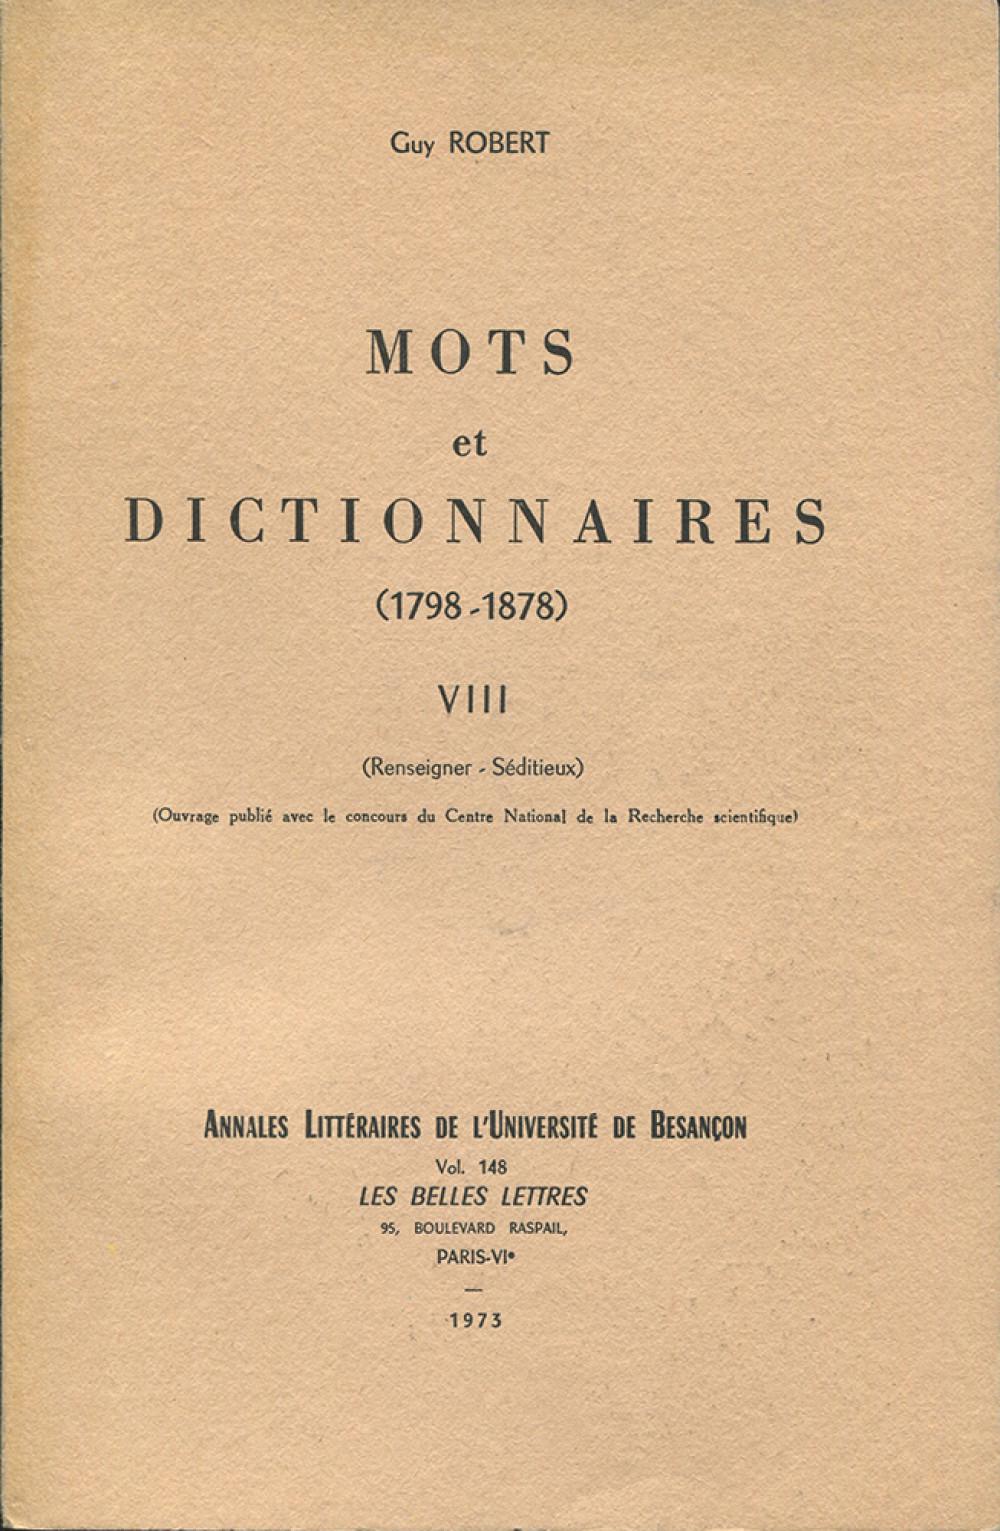 Mots et dictionnaires VIII (1798-1878)